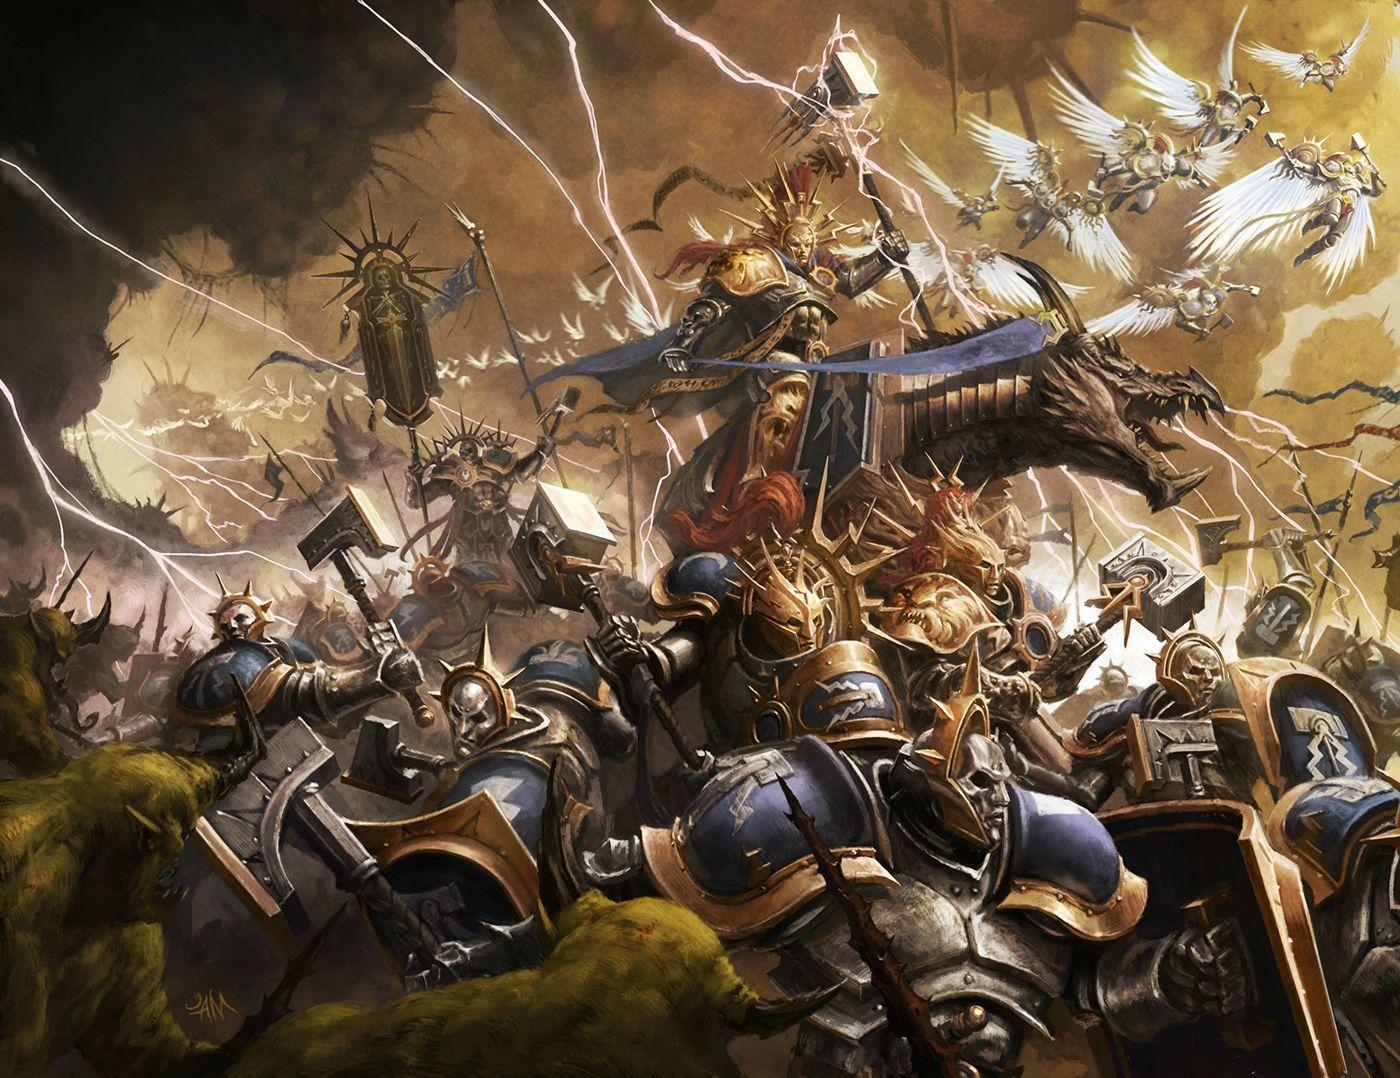 Warhammer work in 2020 Warhammer fantasy, Warhammer art